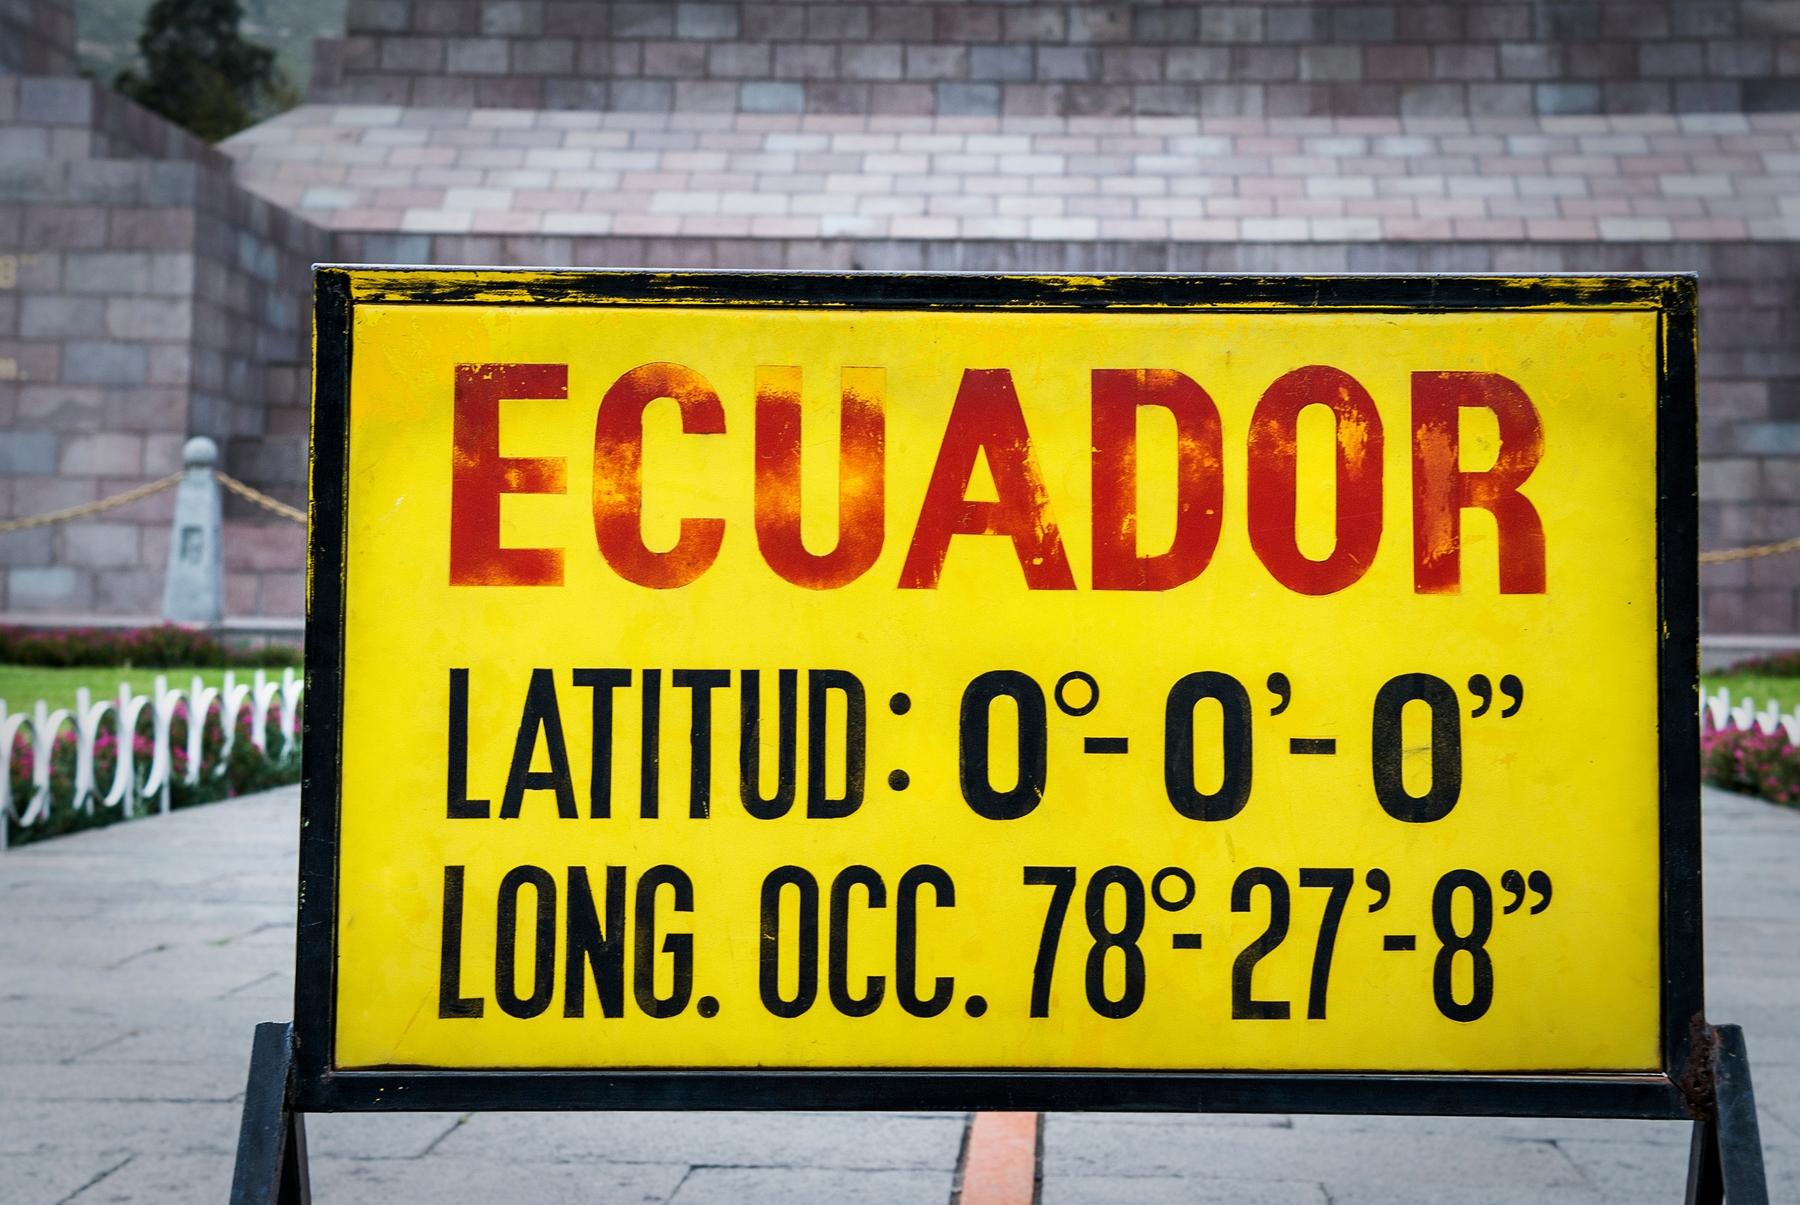 ecuador, quito, como viajar a quito, como viajar a ecuador, mexicanos viajando a ecuador, vuelos interjet ecuador, como llegar a la mitad del mundo, mitad del mundo, latitud cero, donde es la mitad del mundo